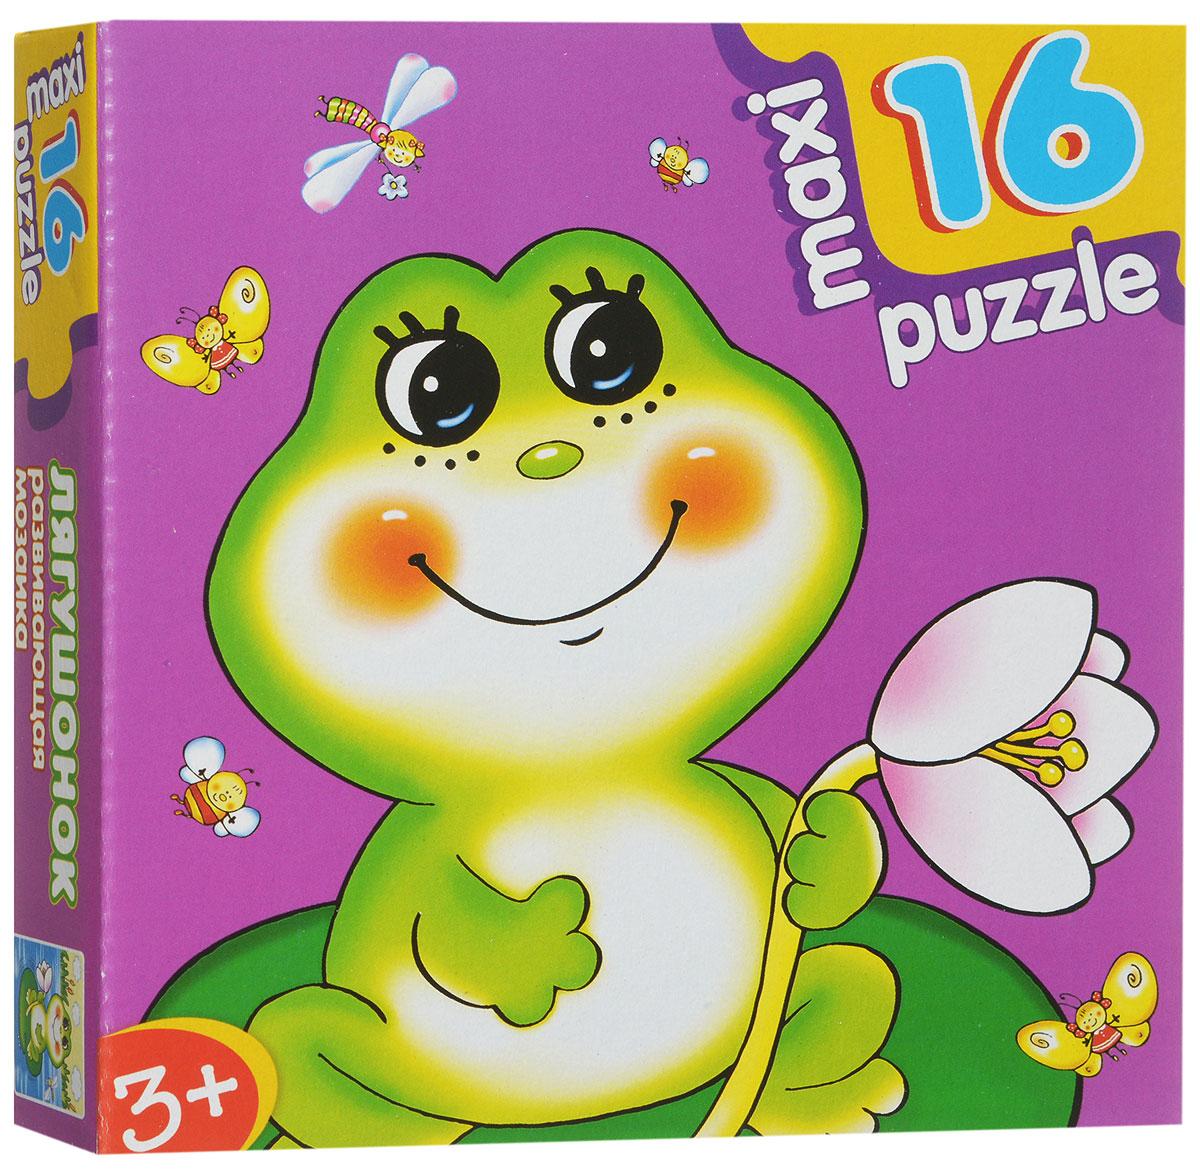 Дрофа-Медиа Пазл для малышей Лягушонок1289Пазл для малышей Дрофа-Медиа Лягушонок обязательно привлечет внимание даже самых маленьких детей. Собрав этот пазл, включающий в себя 16 элементов, вы получите картинку с изображением задорного лягушонка с кувшинкой в лапках. Пазл Дрофа-Медиа Лягушонок научит ребенка усидчивости, умению доводить начатое дело до конца, поможет развить внимание, память, образное и логическое мышление, сенсорно-моторную координацию движения рук. Крупная и яркая форма собираемых элементов картинки способствуют развитию мелкой моторики, которая напрямую влияет на развитие речи и интеллектуальных способностей. В дальнейшем хорошая координация движений рук поможет ребенку легко овладеть письмом.